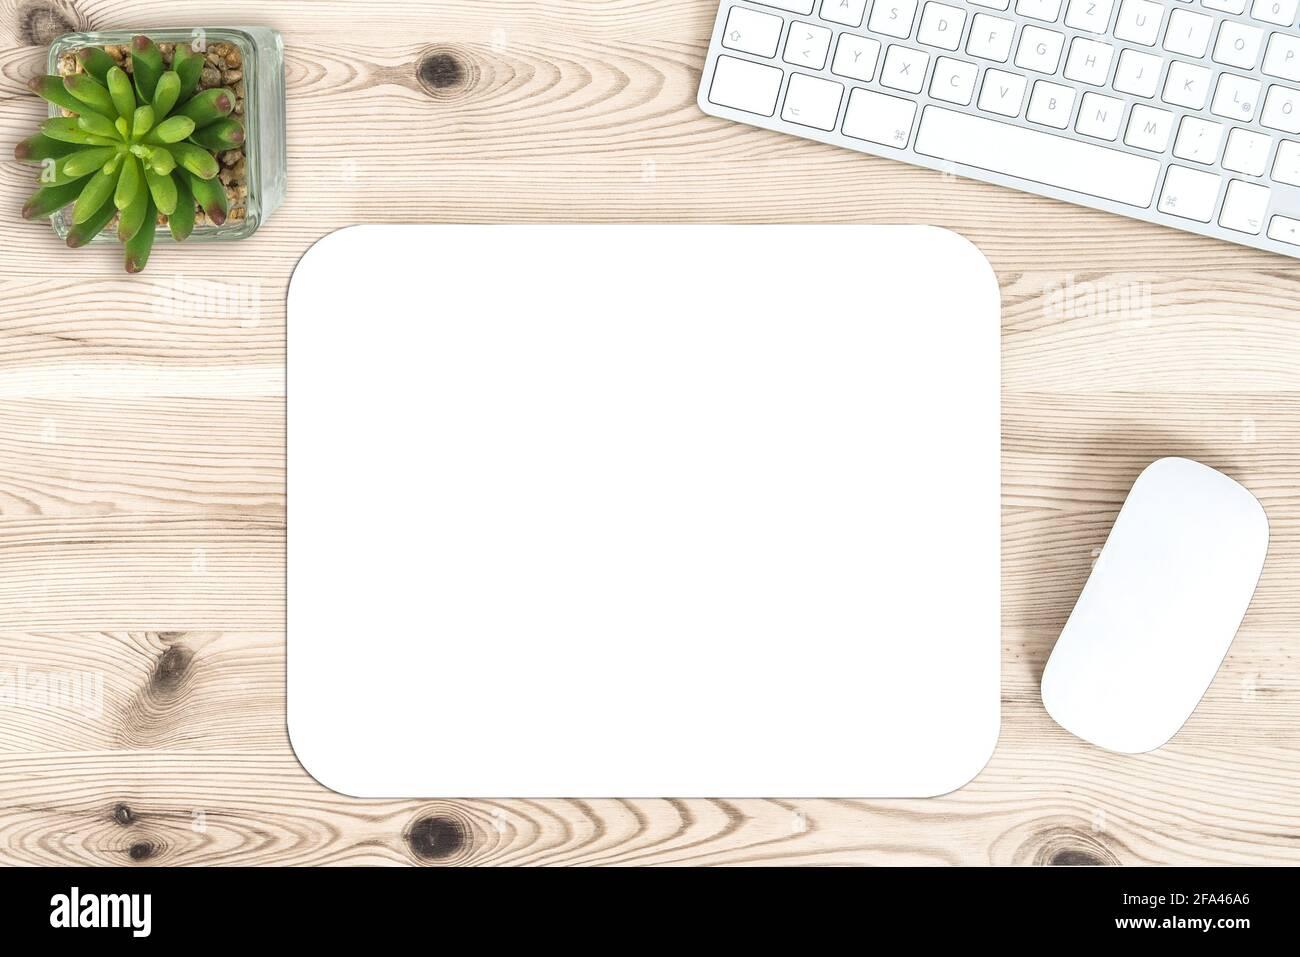 Maquette du tapis de souris. Bureau avec clavier et souris Banque D'Images